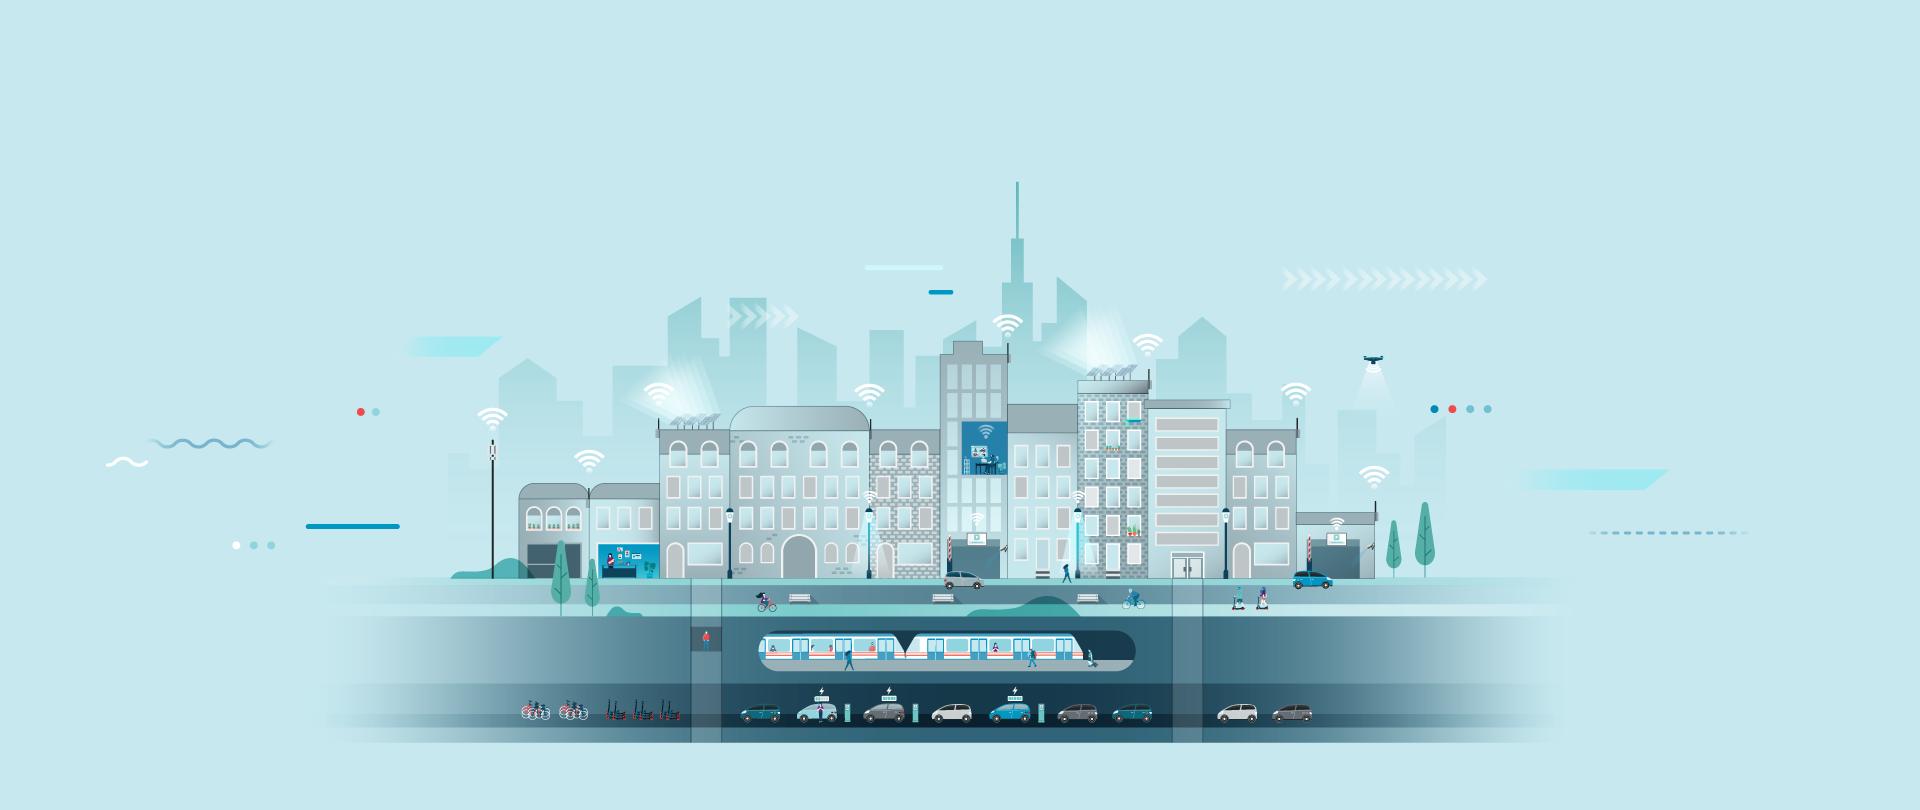 Hoe 5G de weg vrijmaakt voor echte smart cities